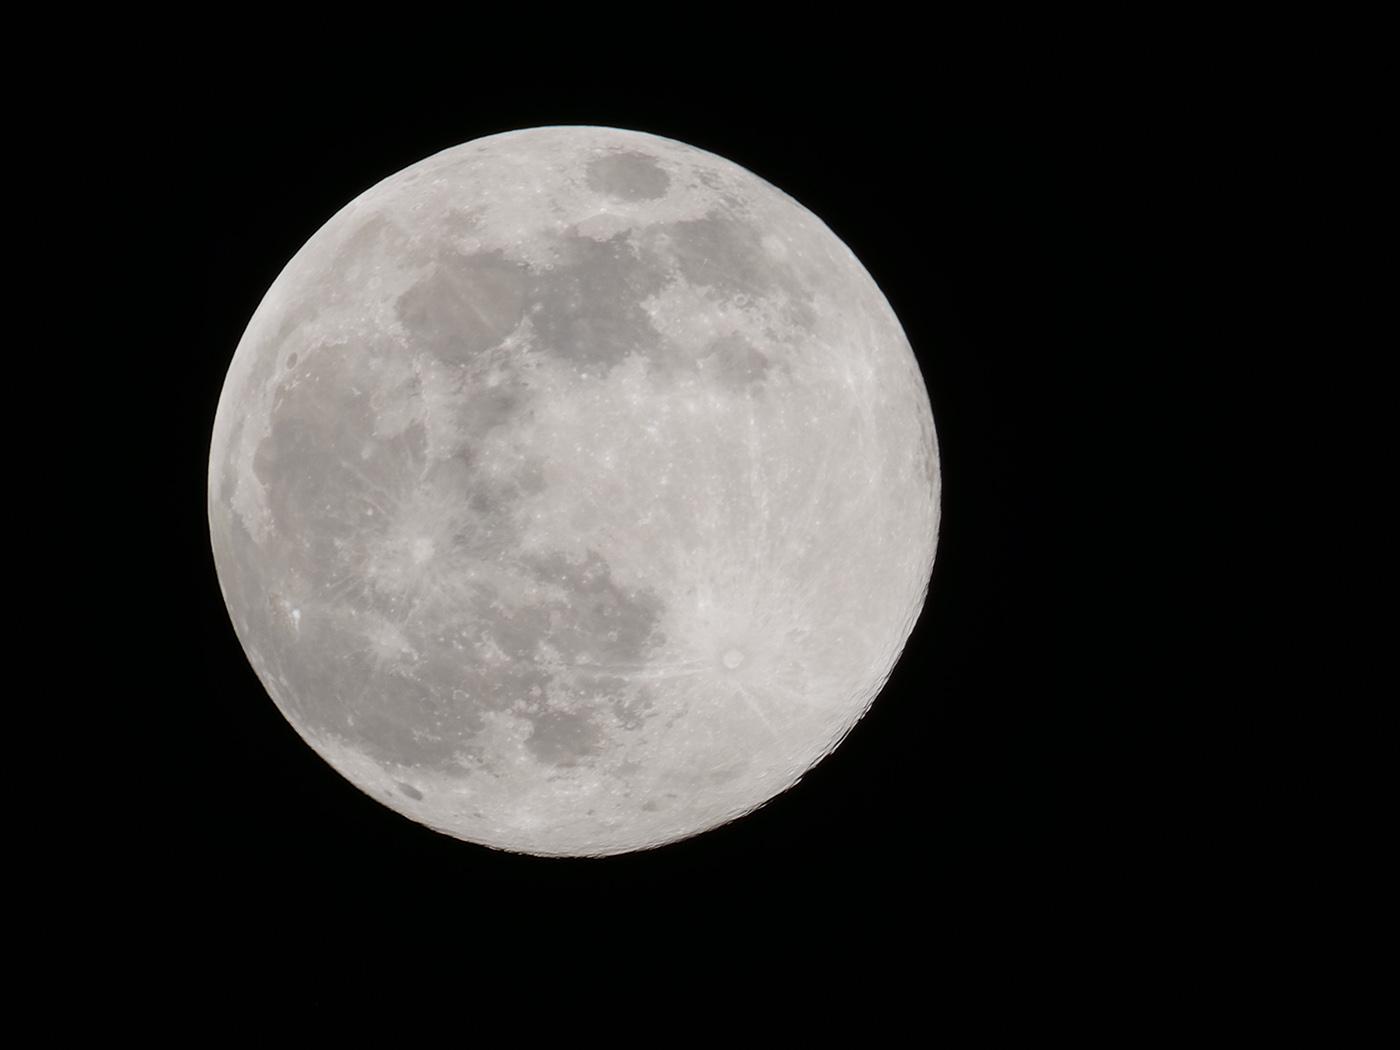 astre lunaire en image haute résolution 80 Millions Pixels avec Lumix G9